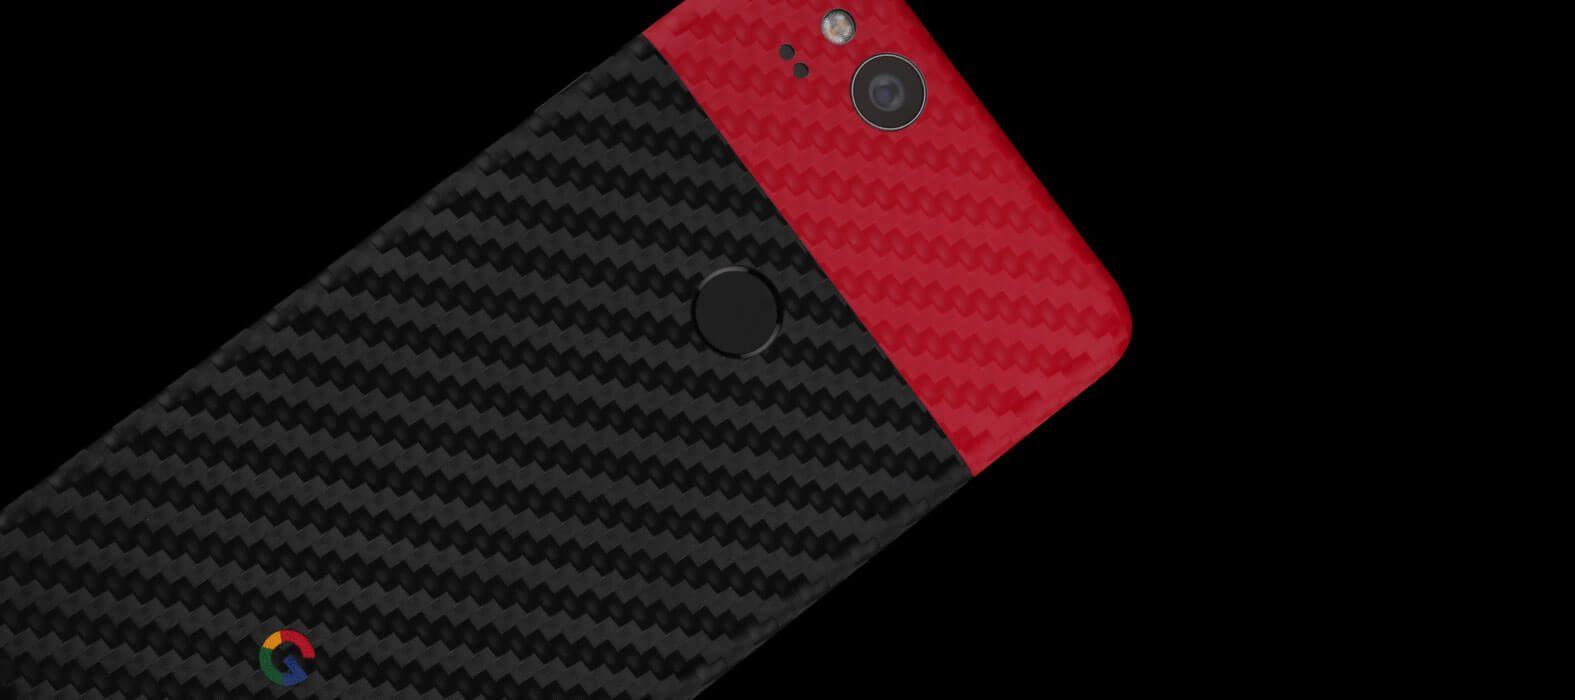 Pixel 2 Wraps, Skins, Decals, sandstone black